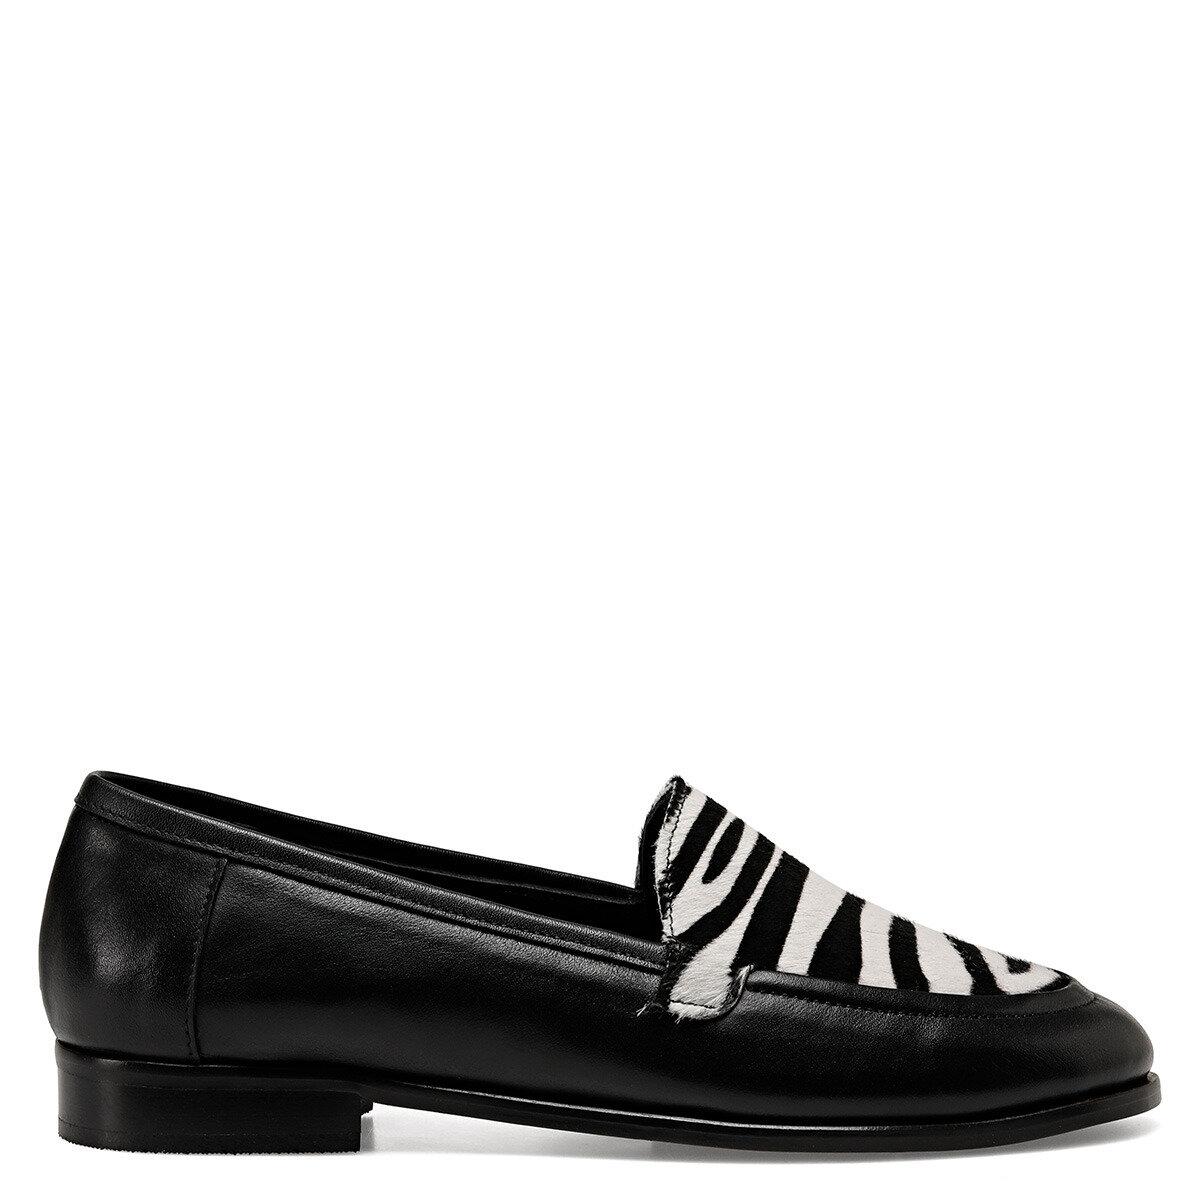 NEXON ZEBRA Kadın Loafer Ayakkabı